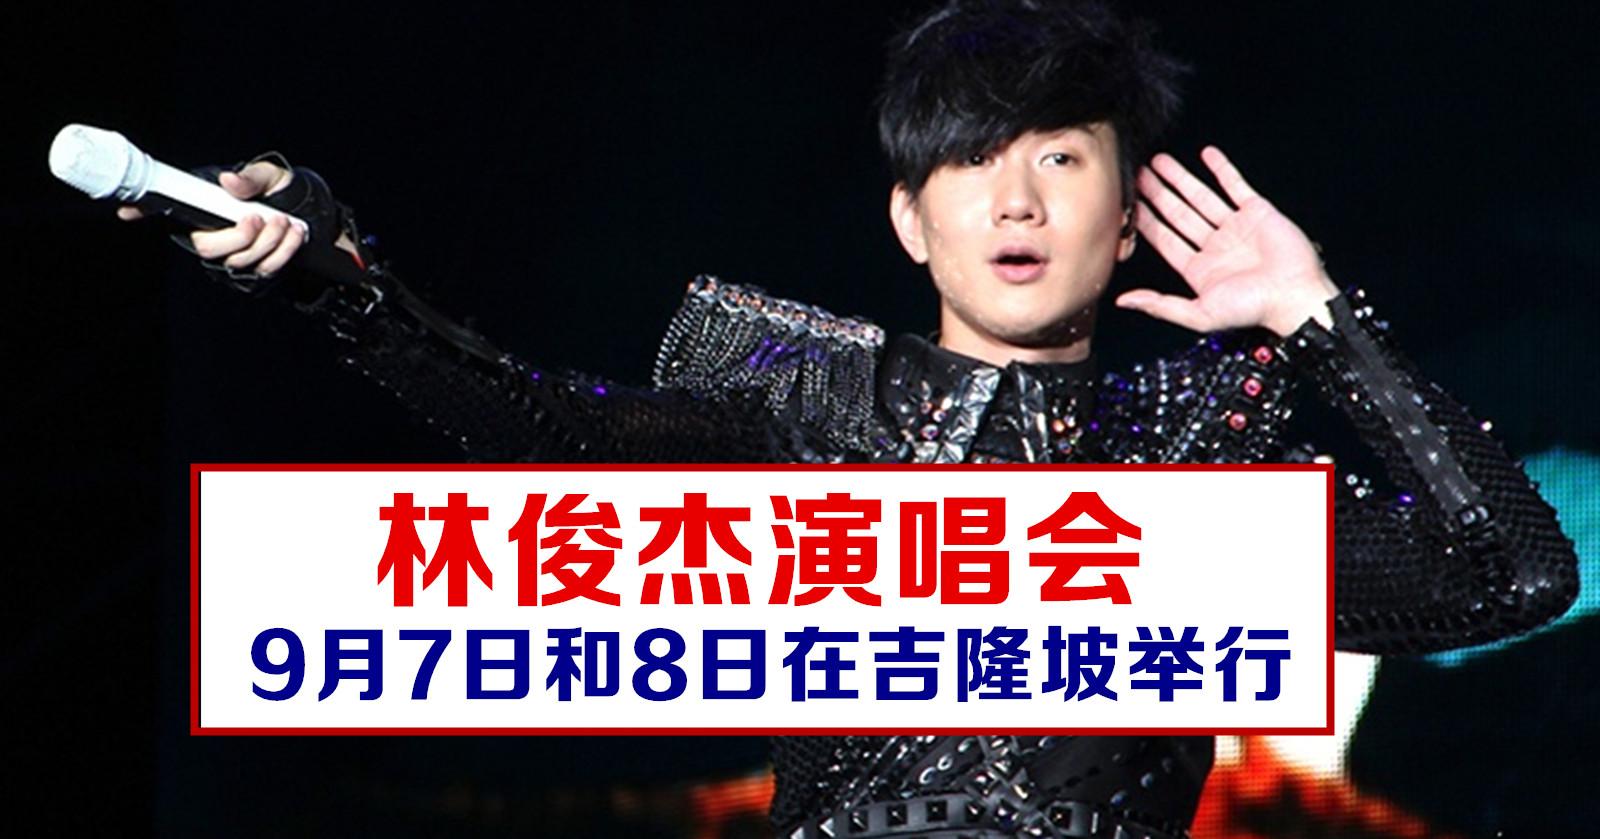 林俊杰演唱会9月7日和8日在吉隆坡举行